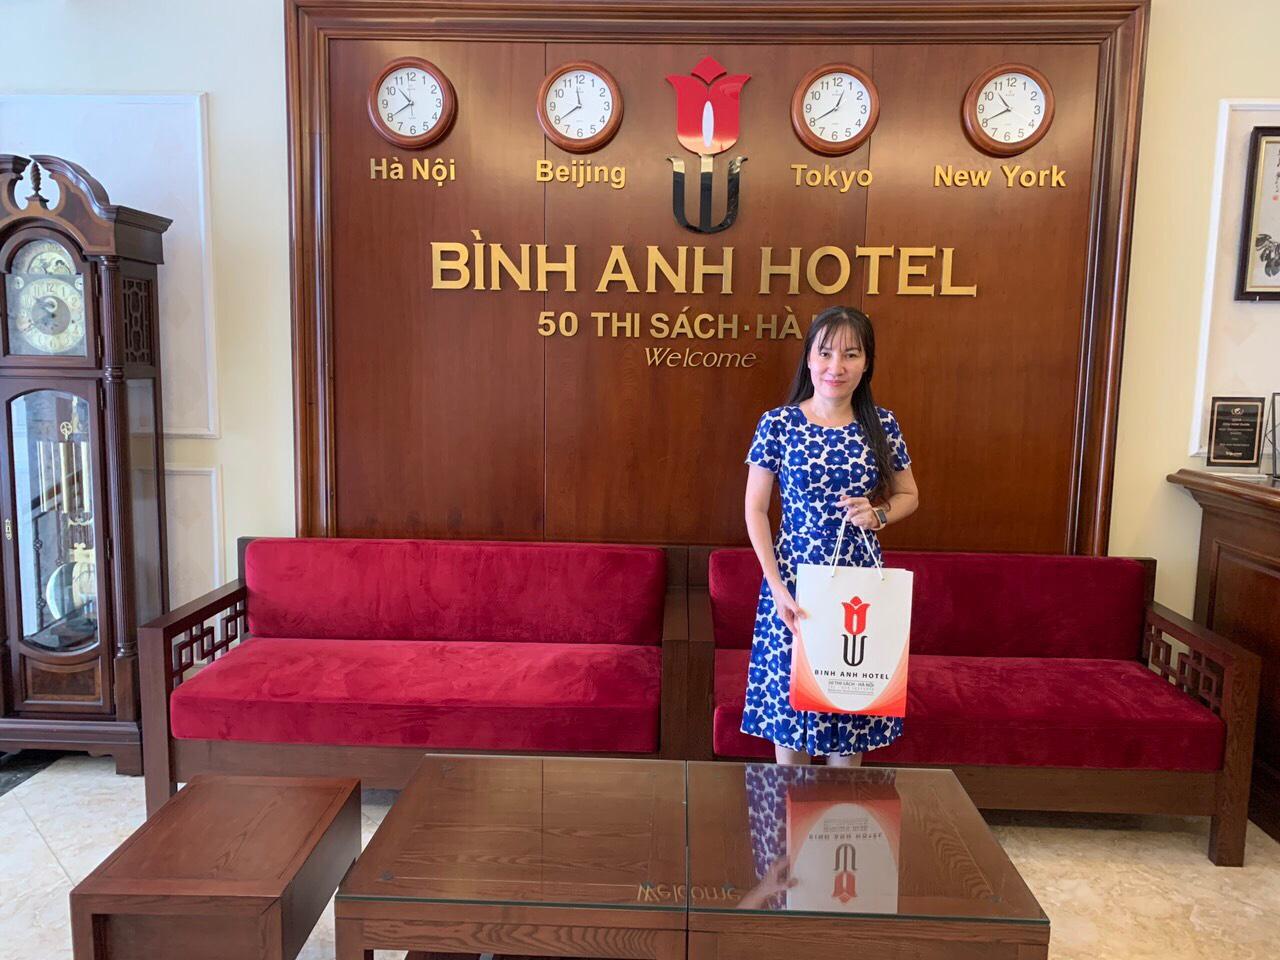 <p>Khách sạn ở ngay Trung tâm HN, giá cả thời hậu Covid rất tuyệt vời lại còn được tặng quà!</p>